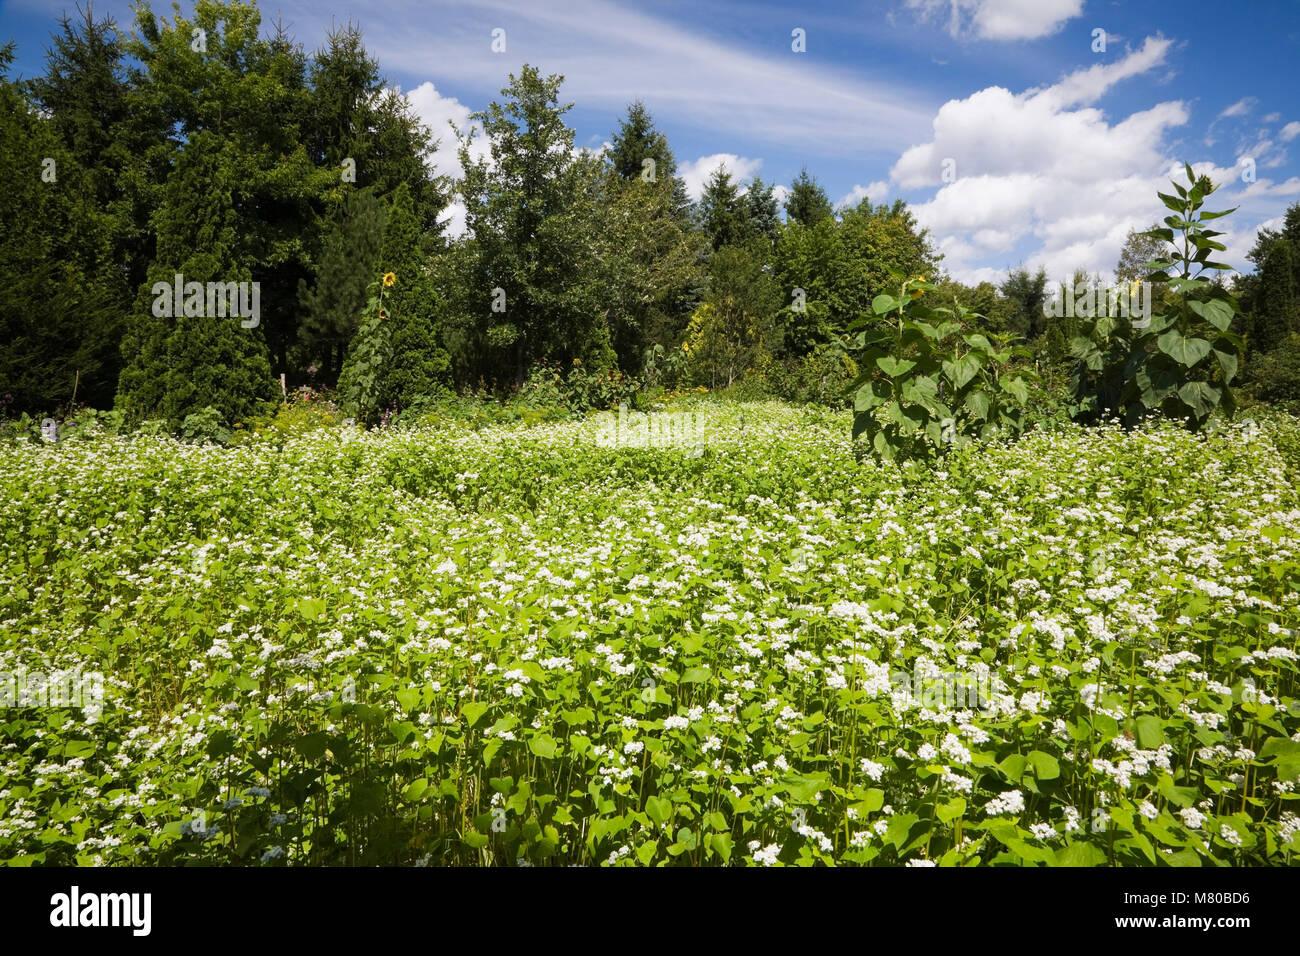 Field Of White Flowers In A Landscaped Backyard Garden In Summer